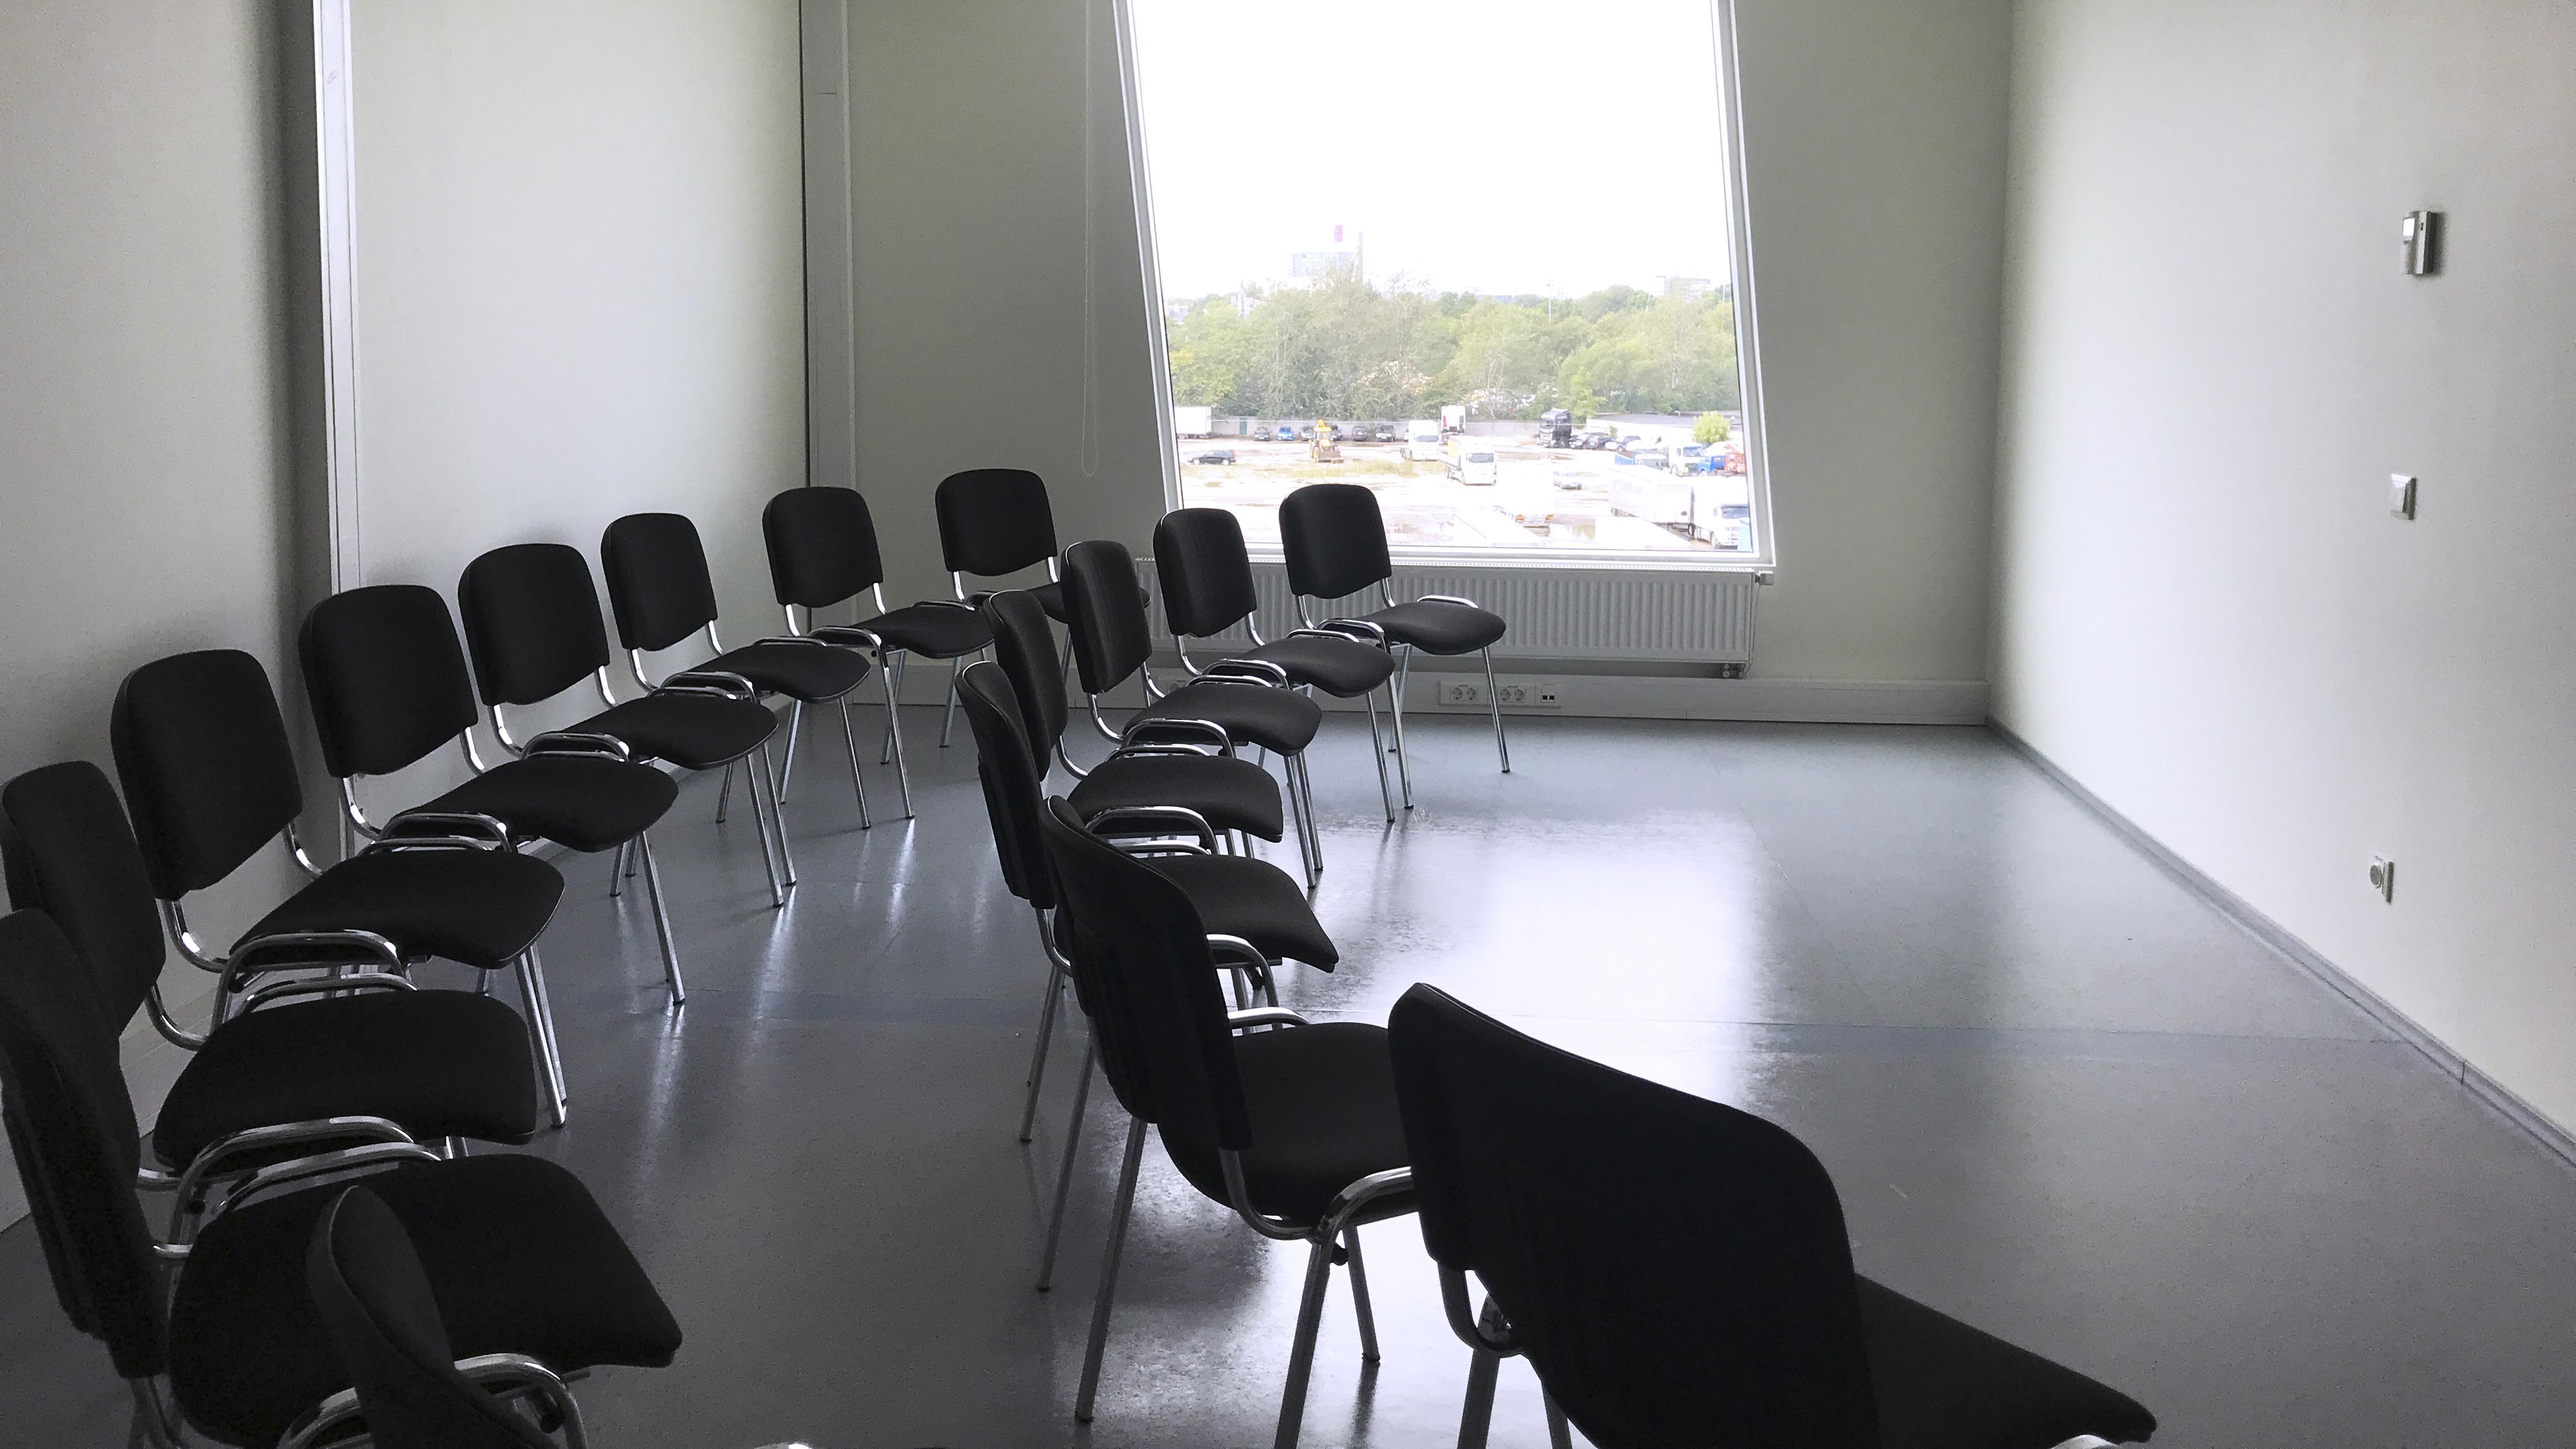 Väike koolitusruum Tallinnas vaid 10 min kaugusel südalinnast